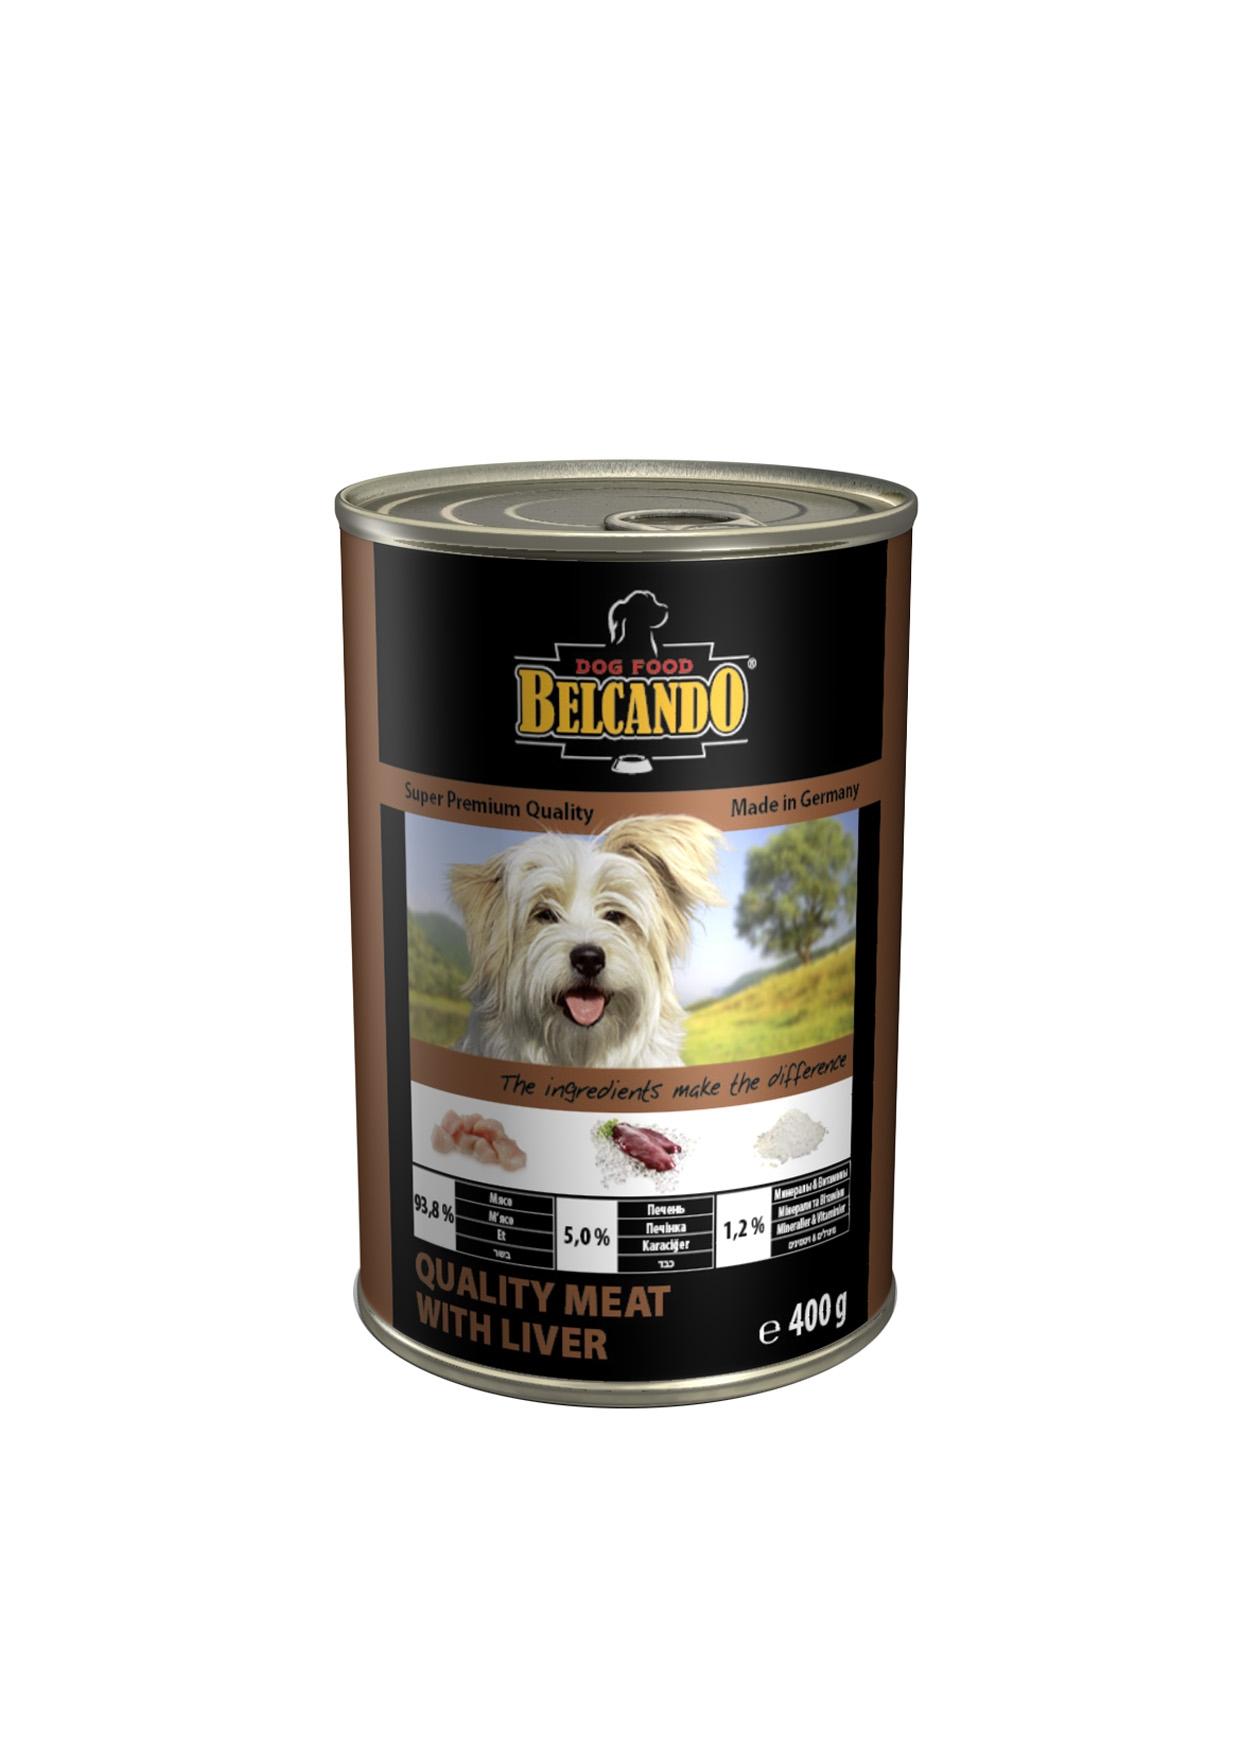 Консервы для собак Belcando, с мясом и печенью, 400 г консервы для собак belcando с отборным мясом 800 г